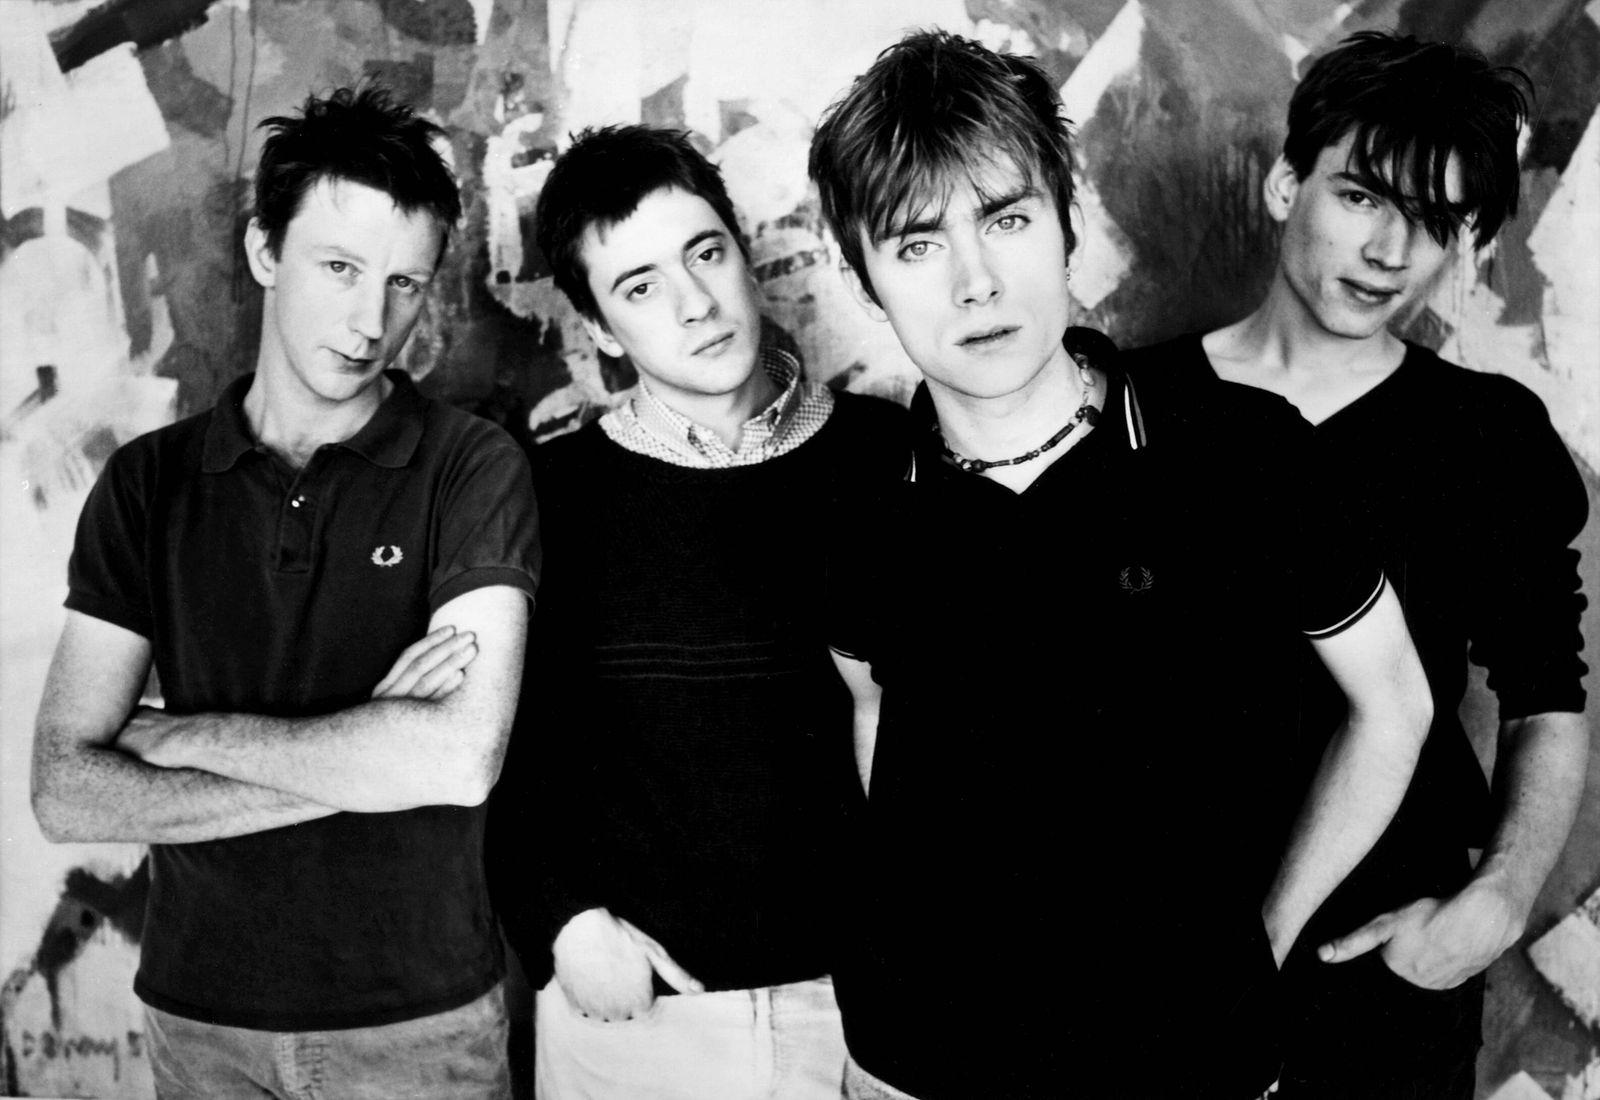 Blur, Graham Coxon, Dave Rowntree, Alex James & Damon Albarn Indie/Alternative Rock Band Picture Credit; Zanna Emi Recor